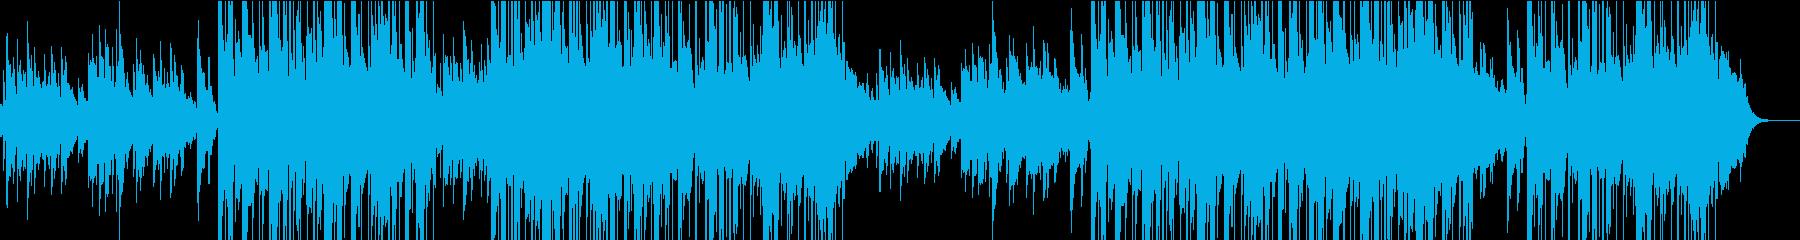 切ない雰囲気のアコギバラードの再生済みの波形